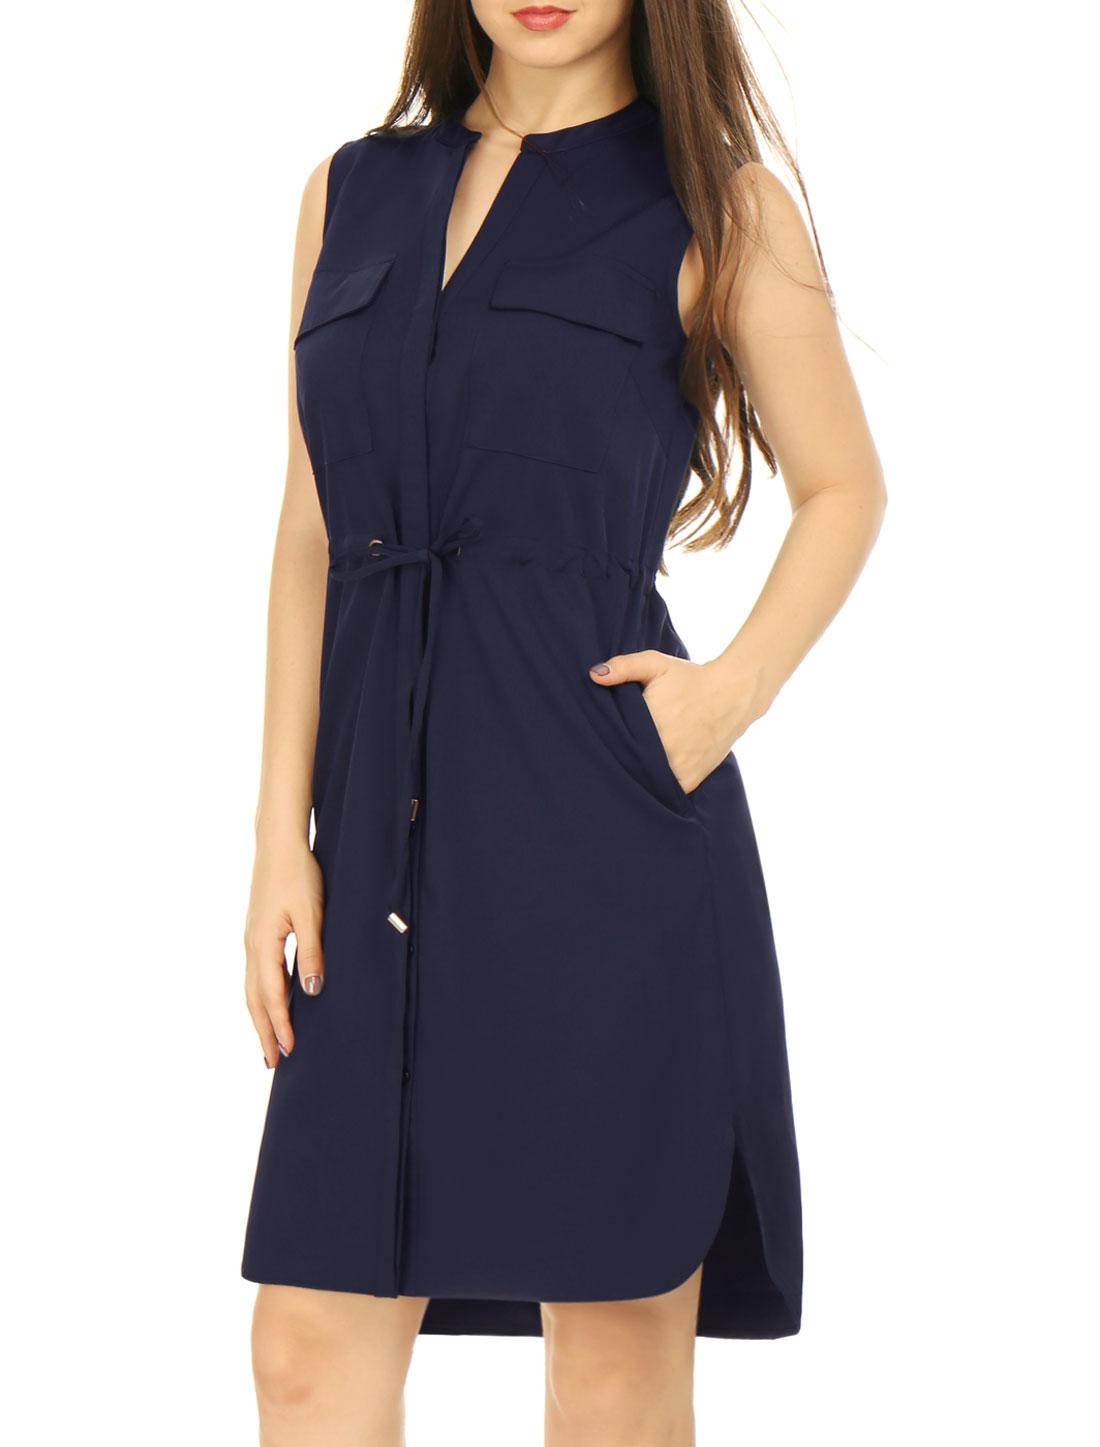 Allegra K Woman Drawstring Waist Button Up Sleeveless Shirt Dress Navy Blue M